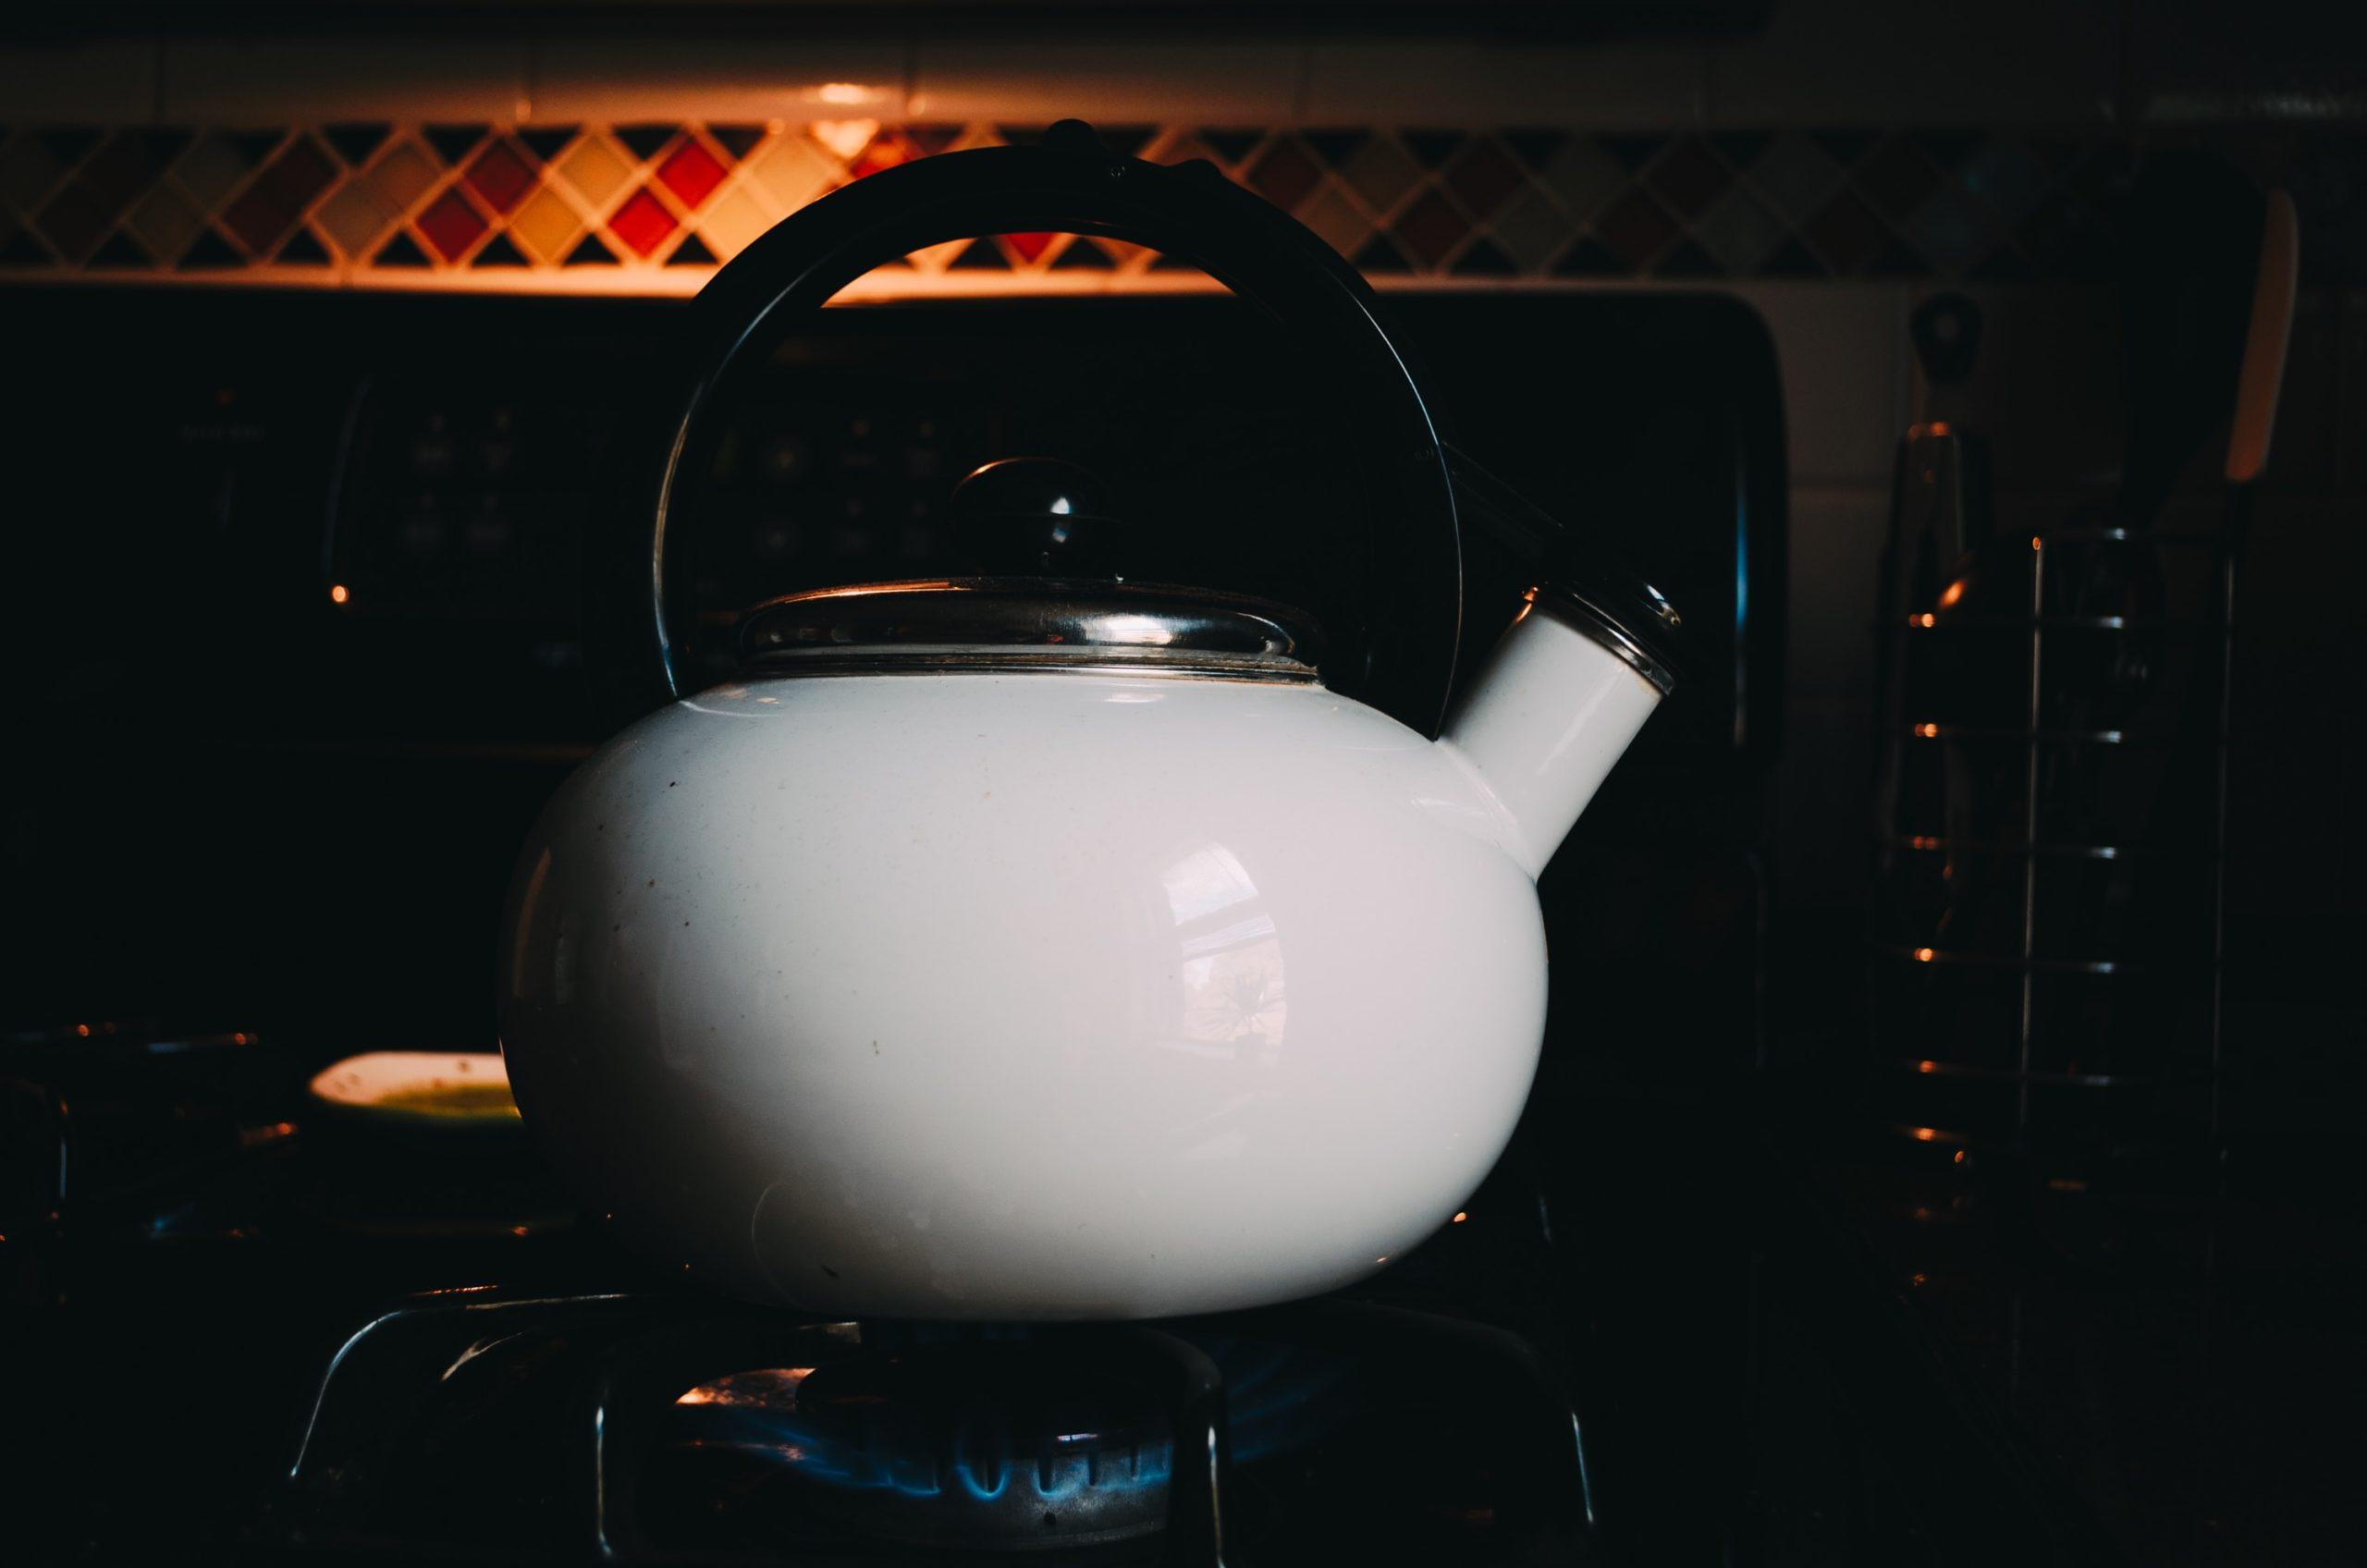 消毒 マスク 煮沸